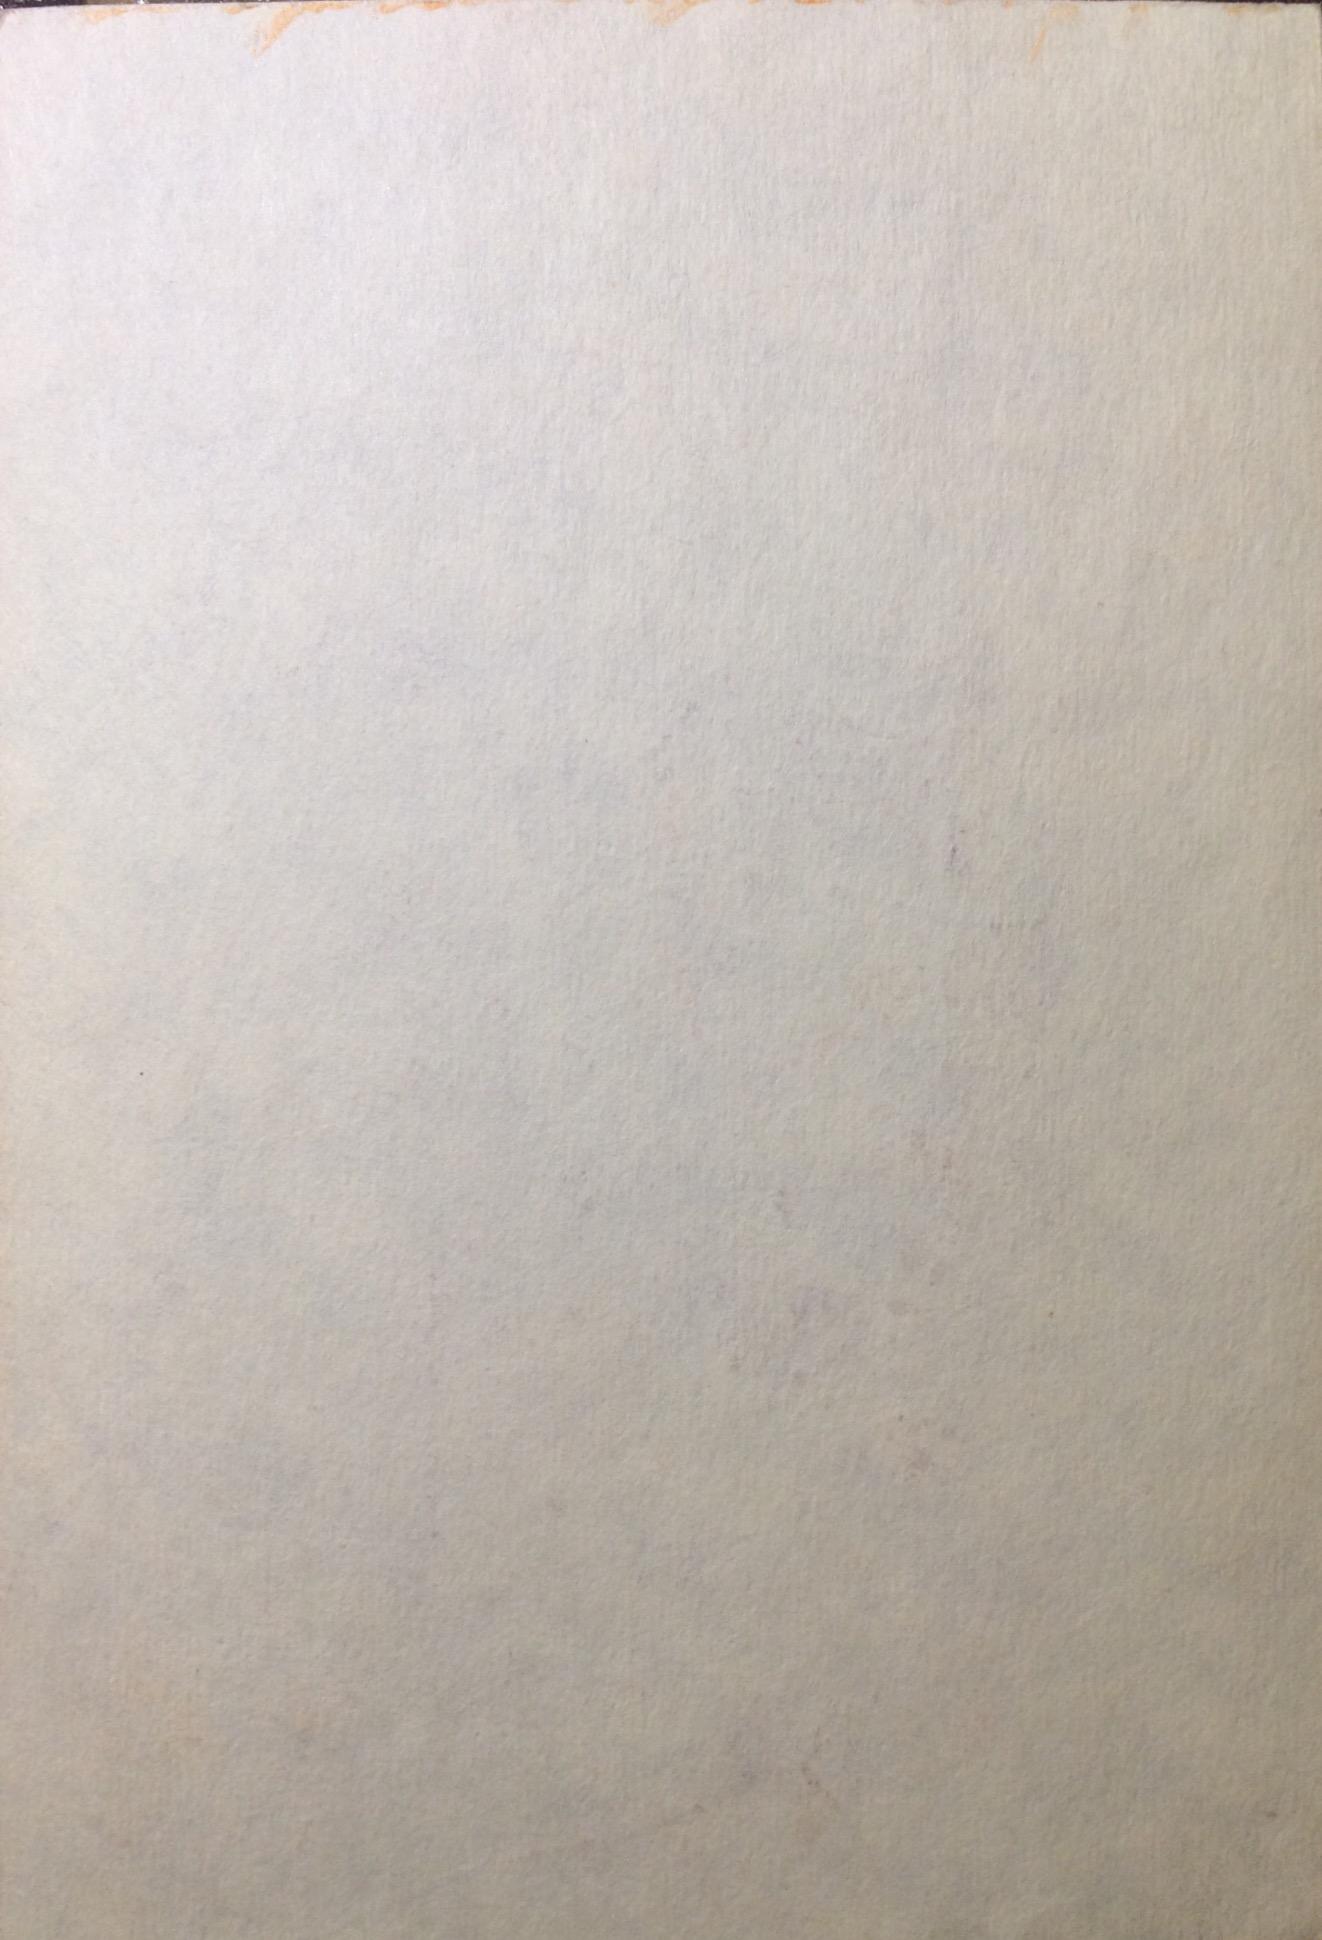 Оборот. Яковлев Владимир Игоревич. Фиолетовый портрет.